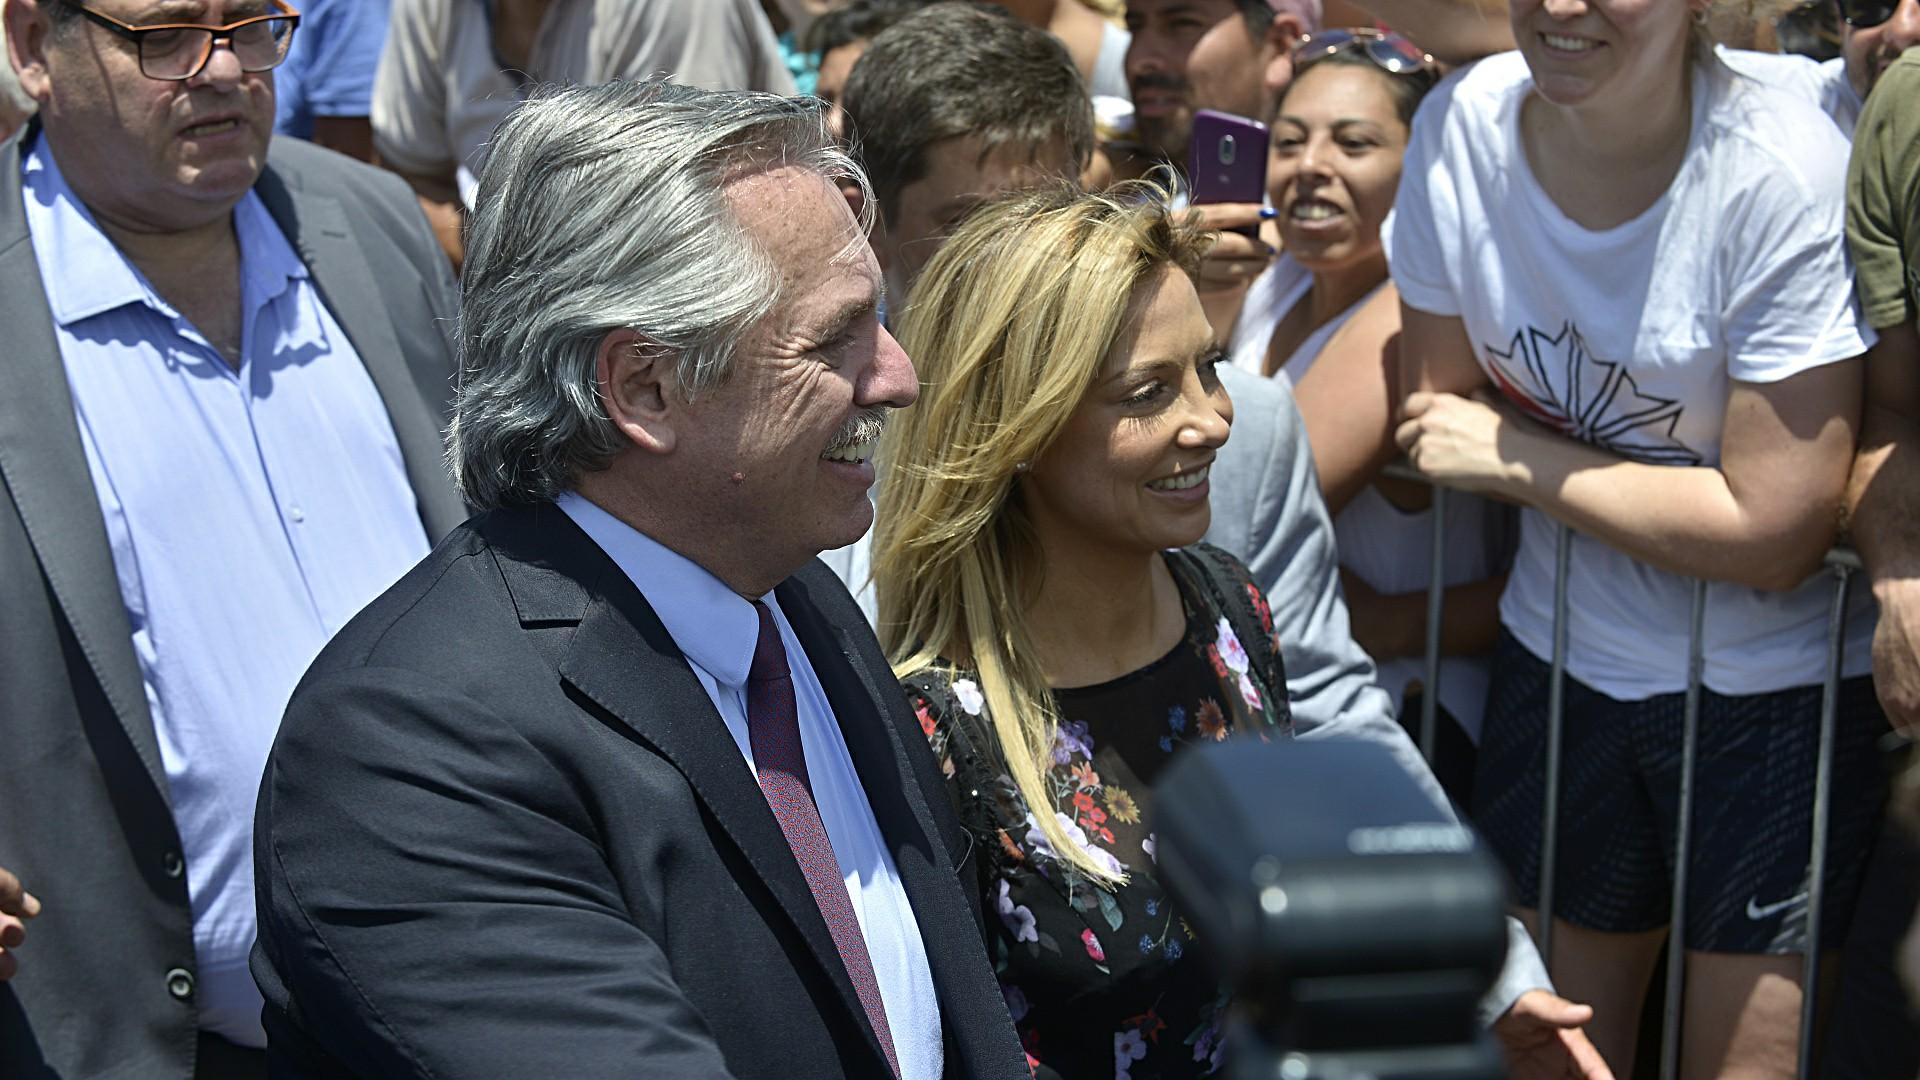 Antes de la asunción presidencial, la Conferencia Episcopal organizó una misa en la Basílica de Luján, a donde Alberto Fernández fue acompañado por su pareja, la periodista Fabiola Yañez.